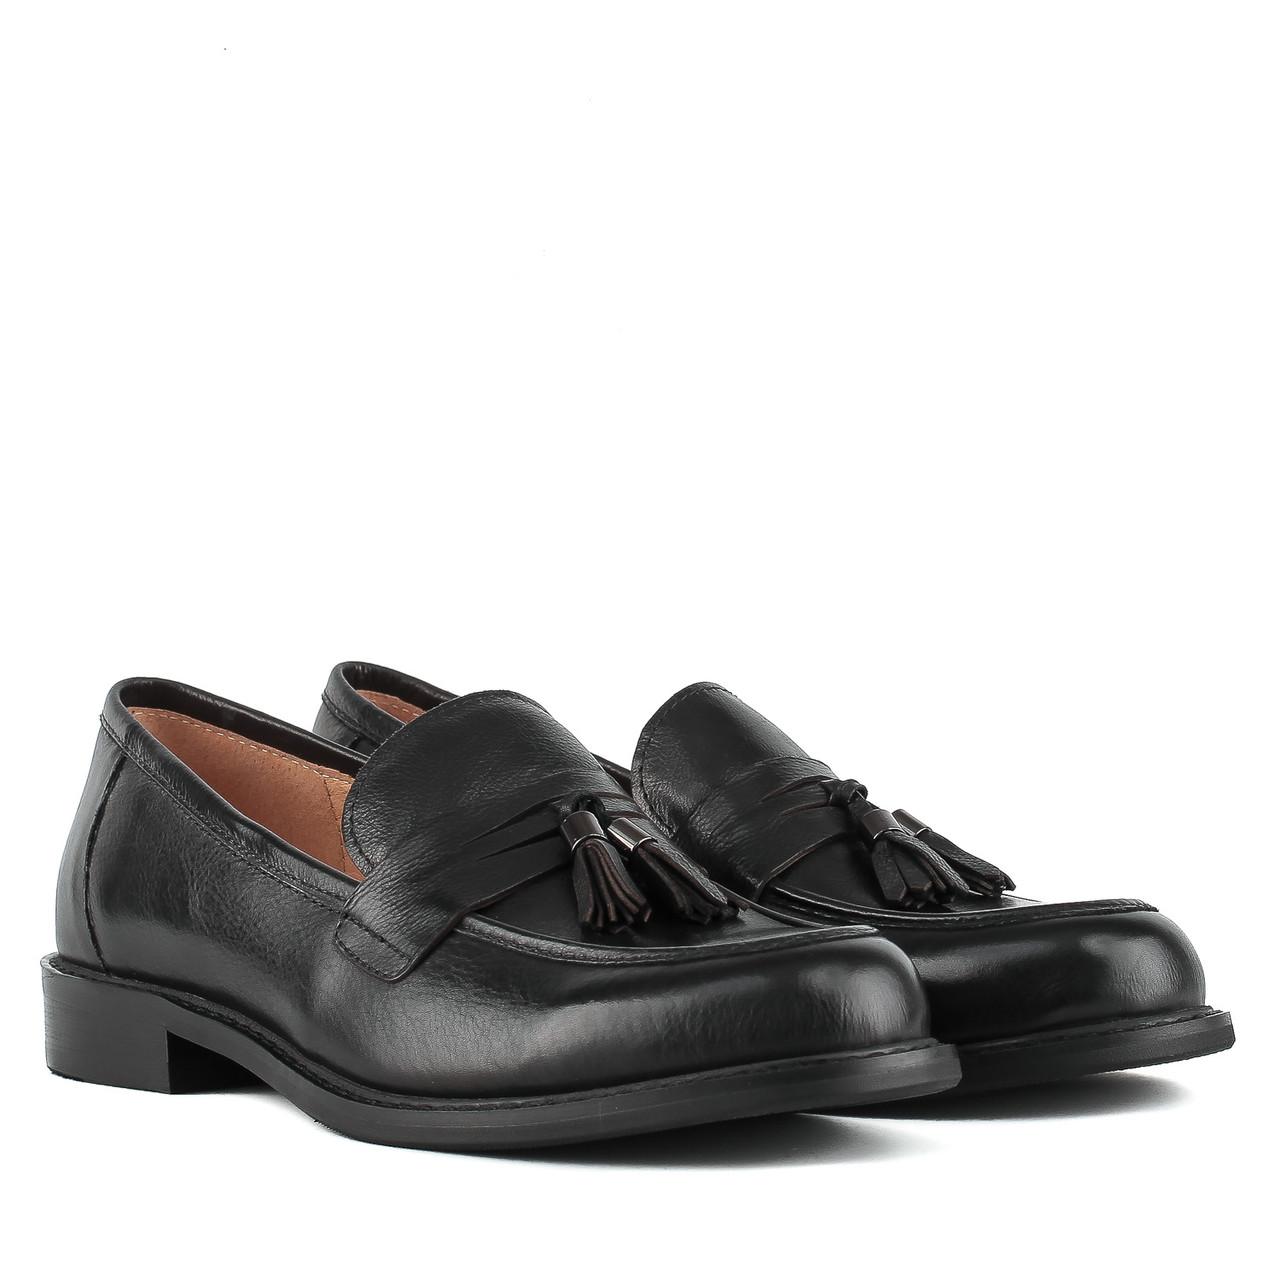 77f1225c Купить Туфли женские DJOVANNIA (удобные, стильные, натуральные, с ...